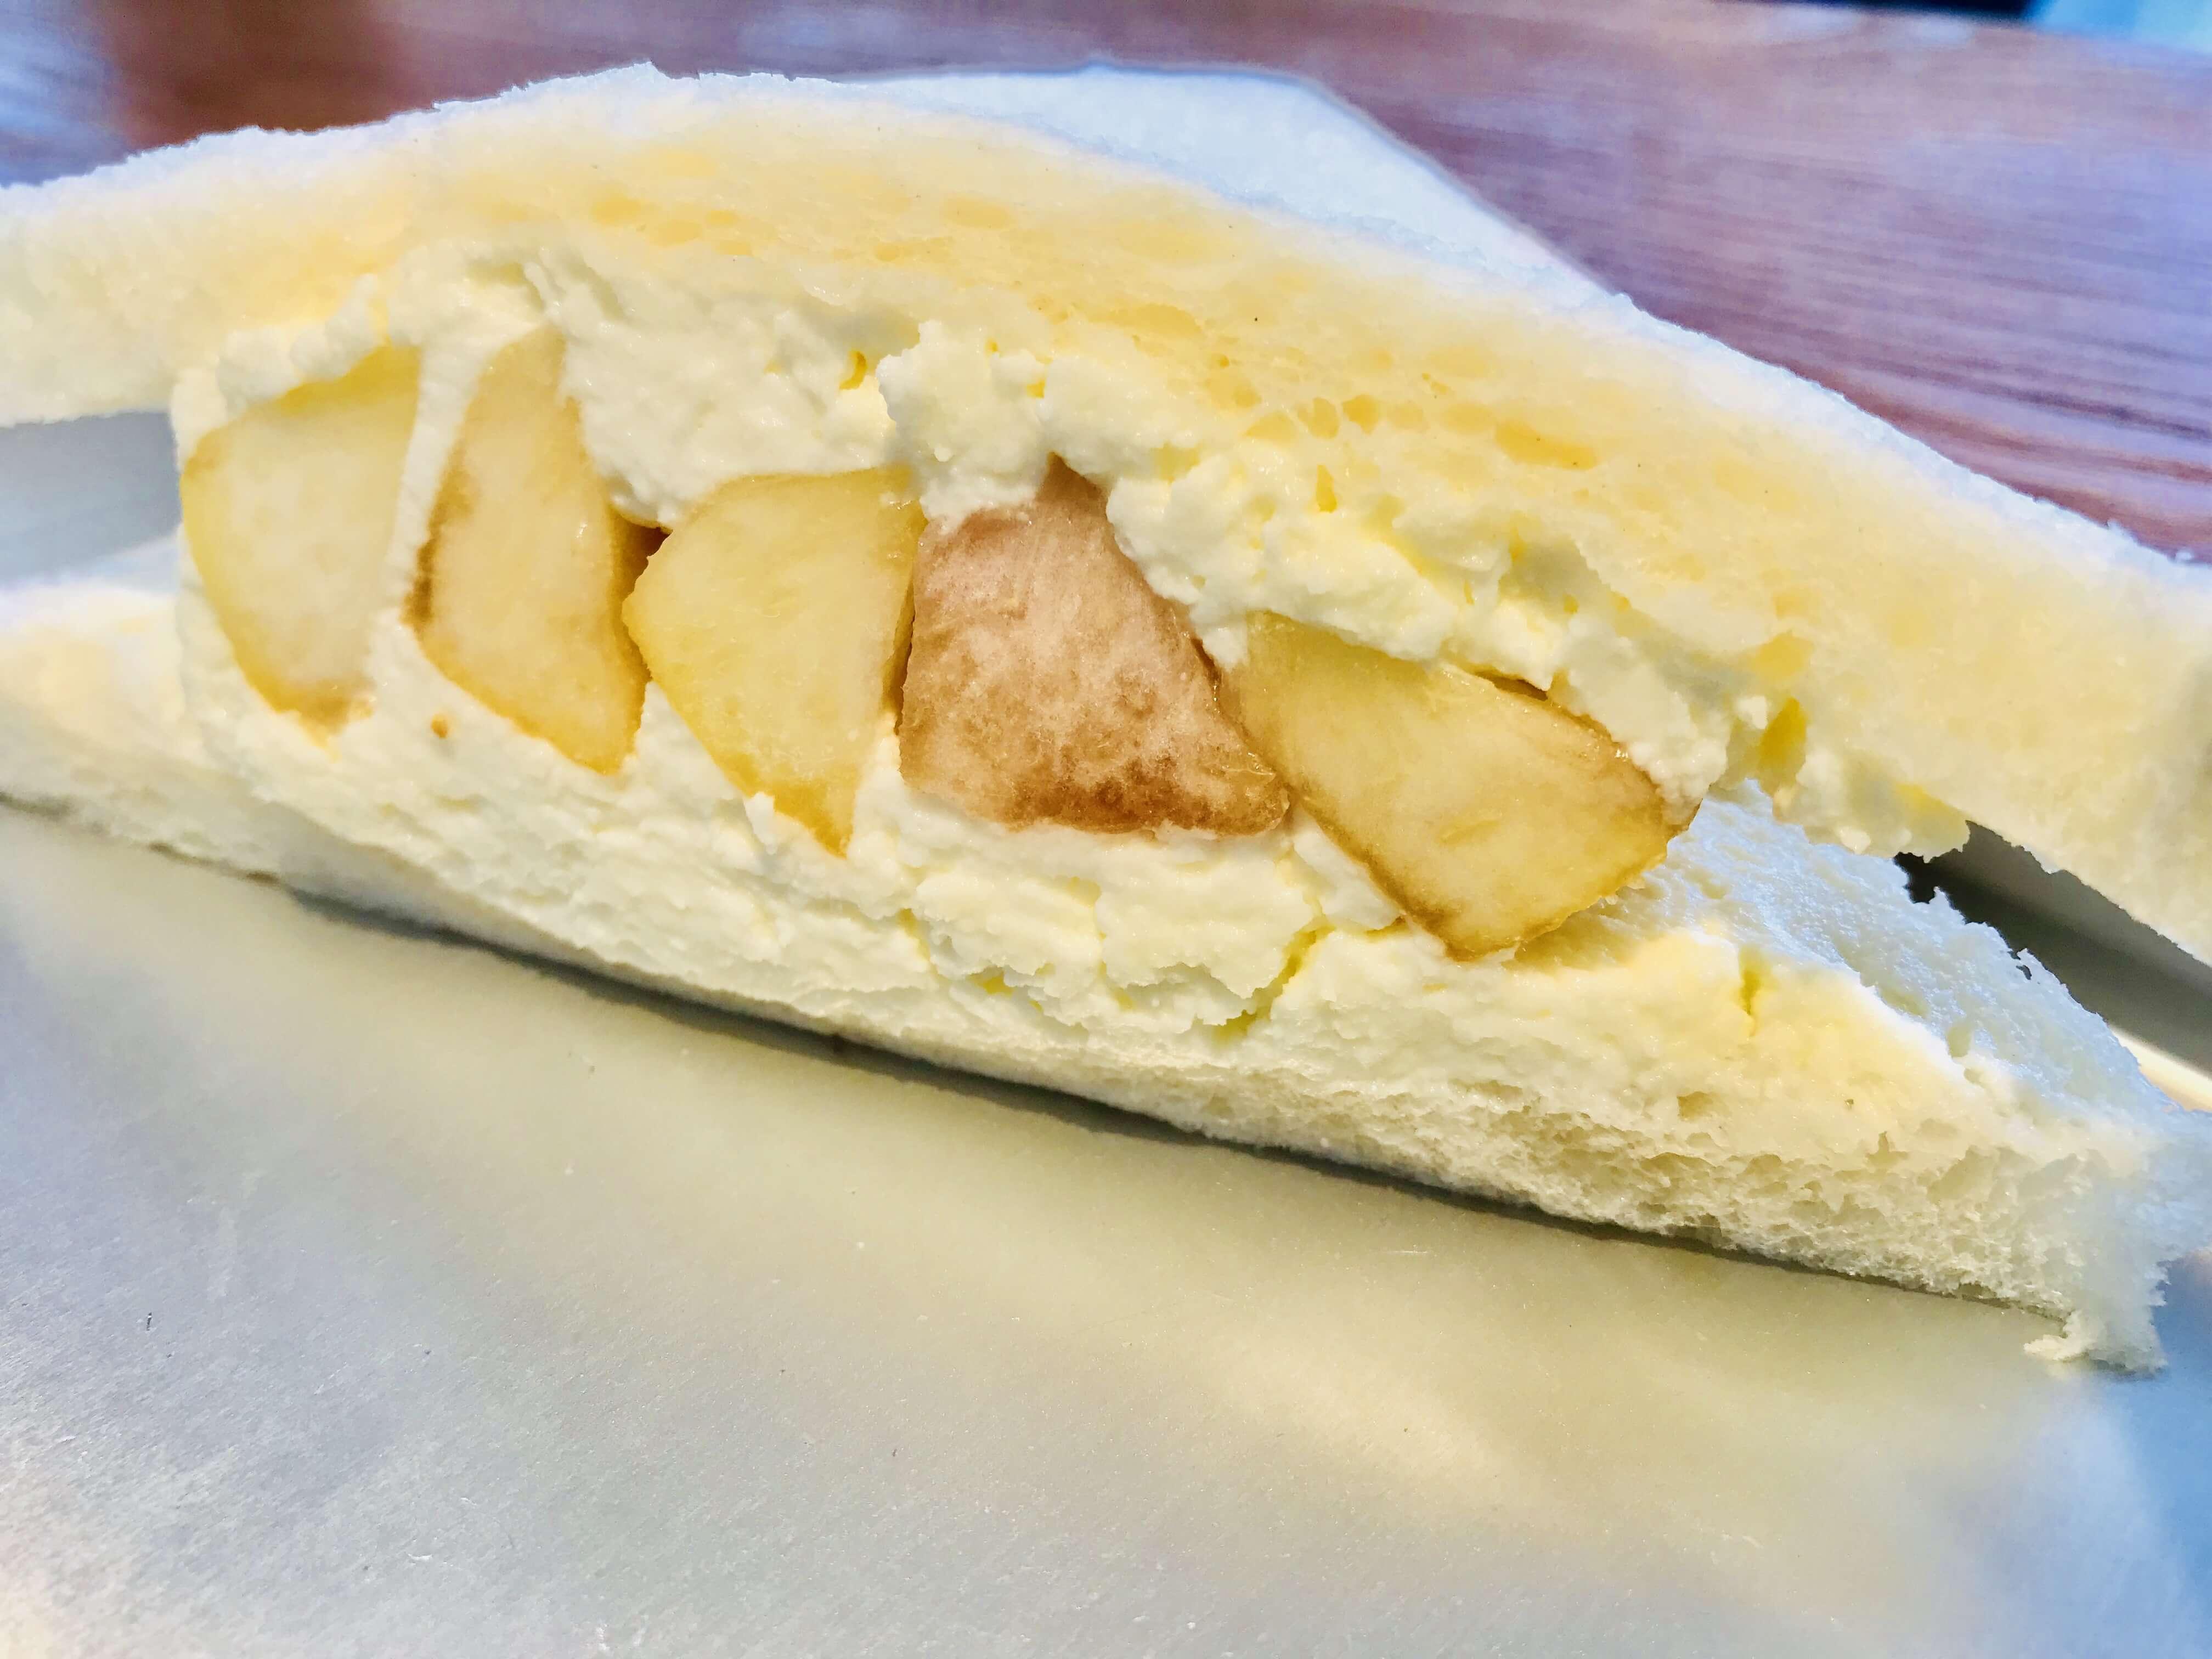 『サリュ・アンシャンテ』季節限定!桃のフルーツサンドを求めて。具がたっぷりのサンドイッチはバリエーション豊富